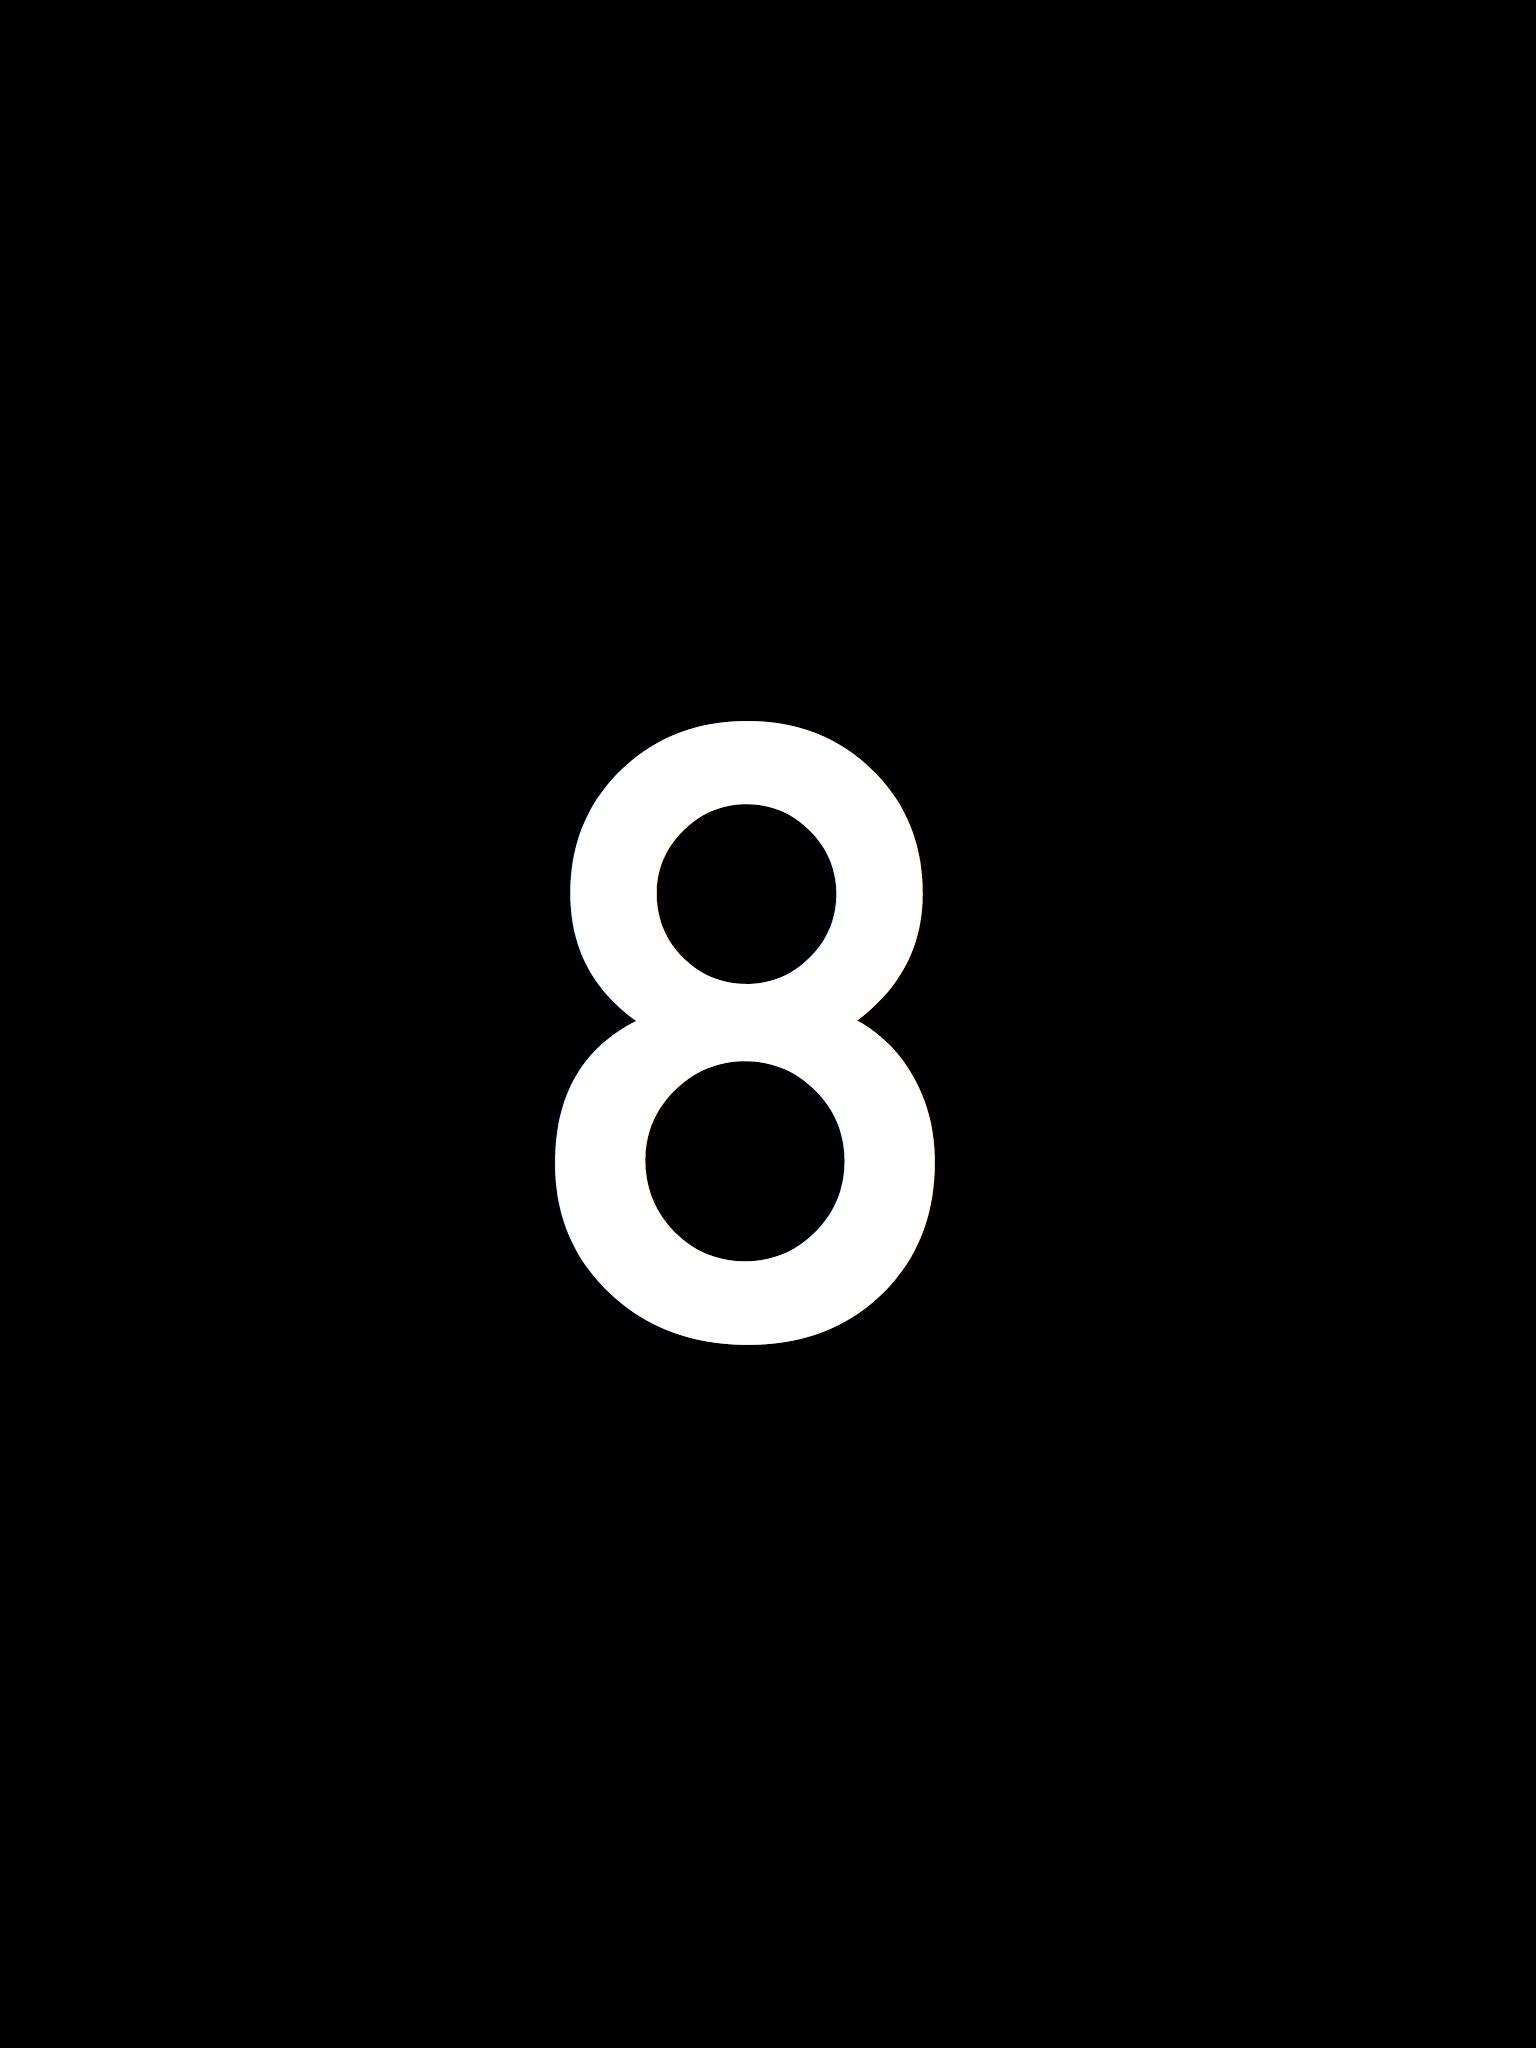 Black_Number.008.jpg